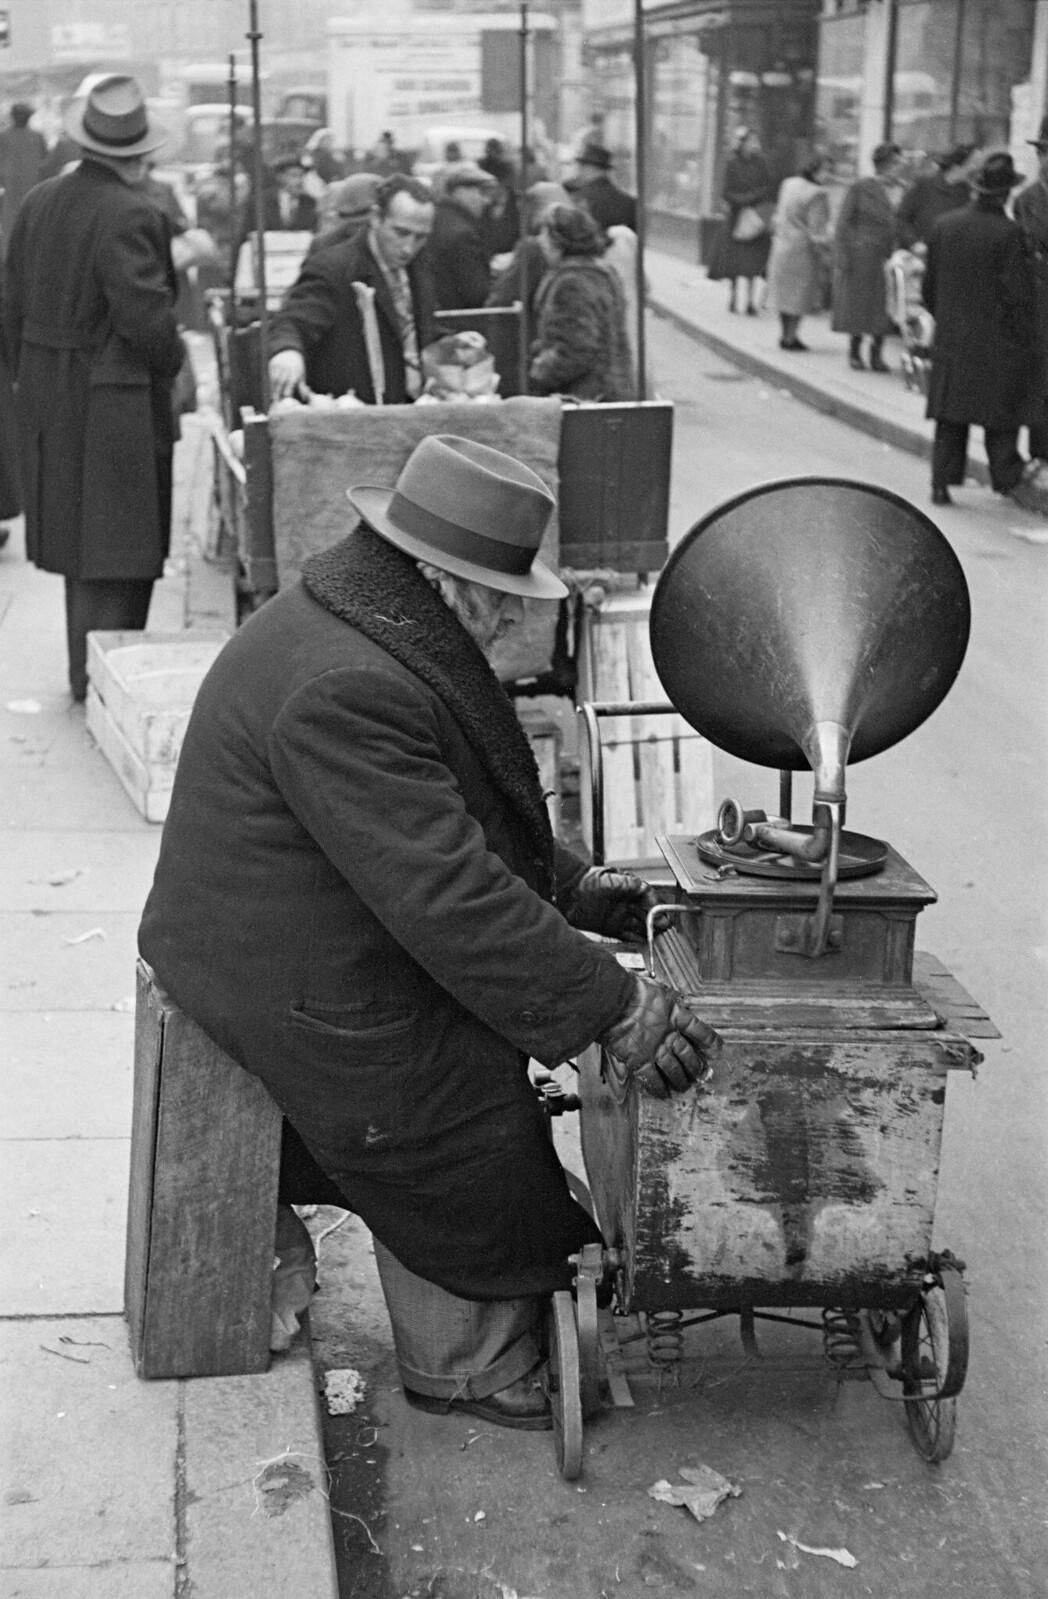 02. Еврей с граммофоном на колесах на уличном рынке в Уайтчепеле. Мужчина проигрывает старые пластинки, которые привез с собой из России, и собирает деньги в пользу беженцев в Израиль